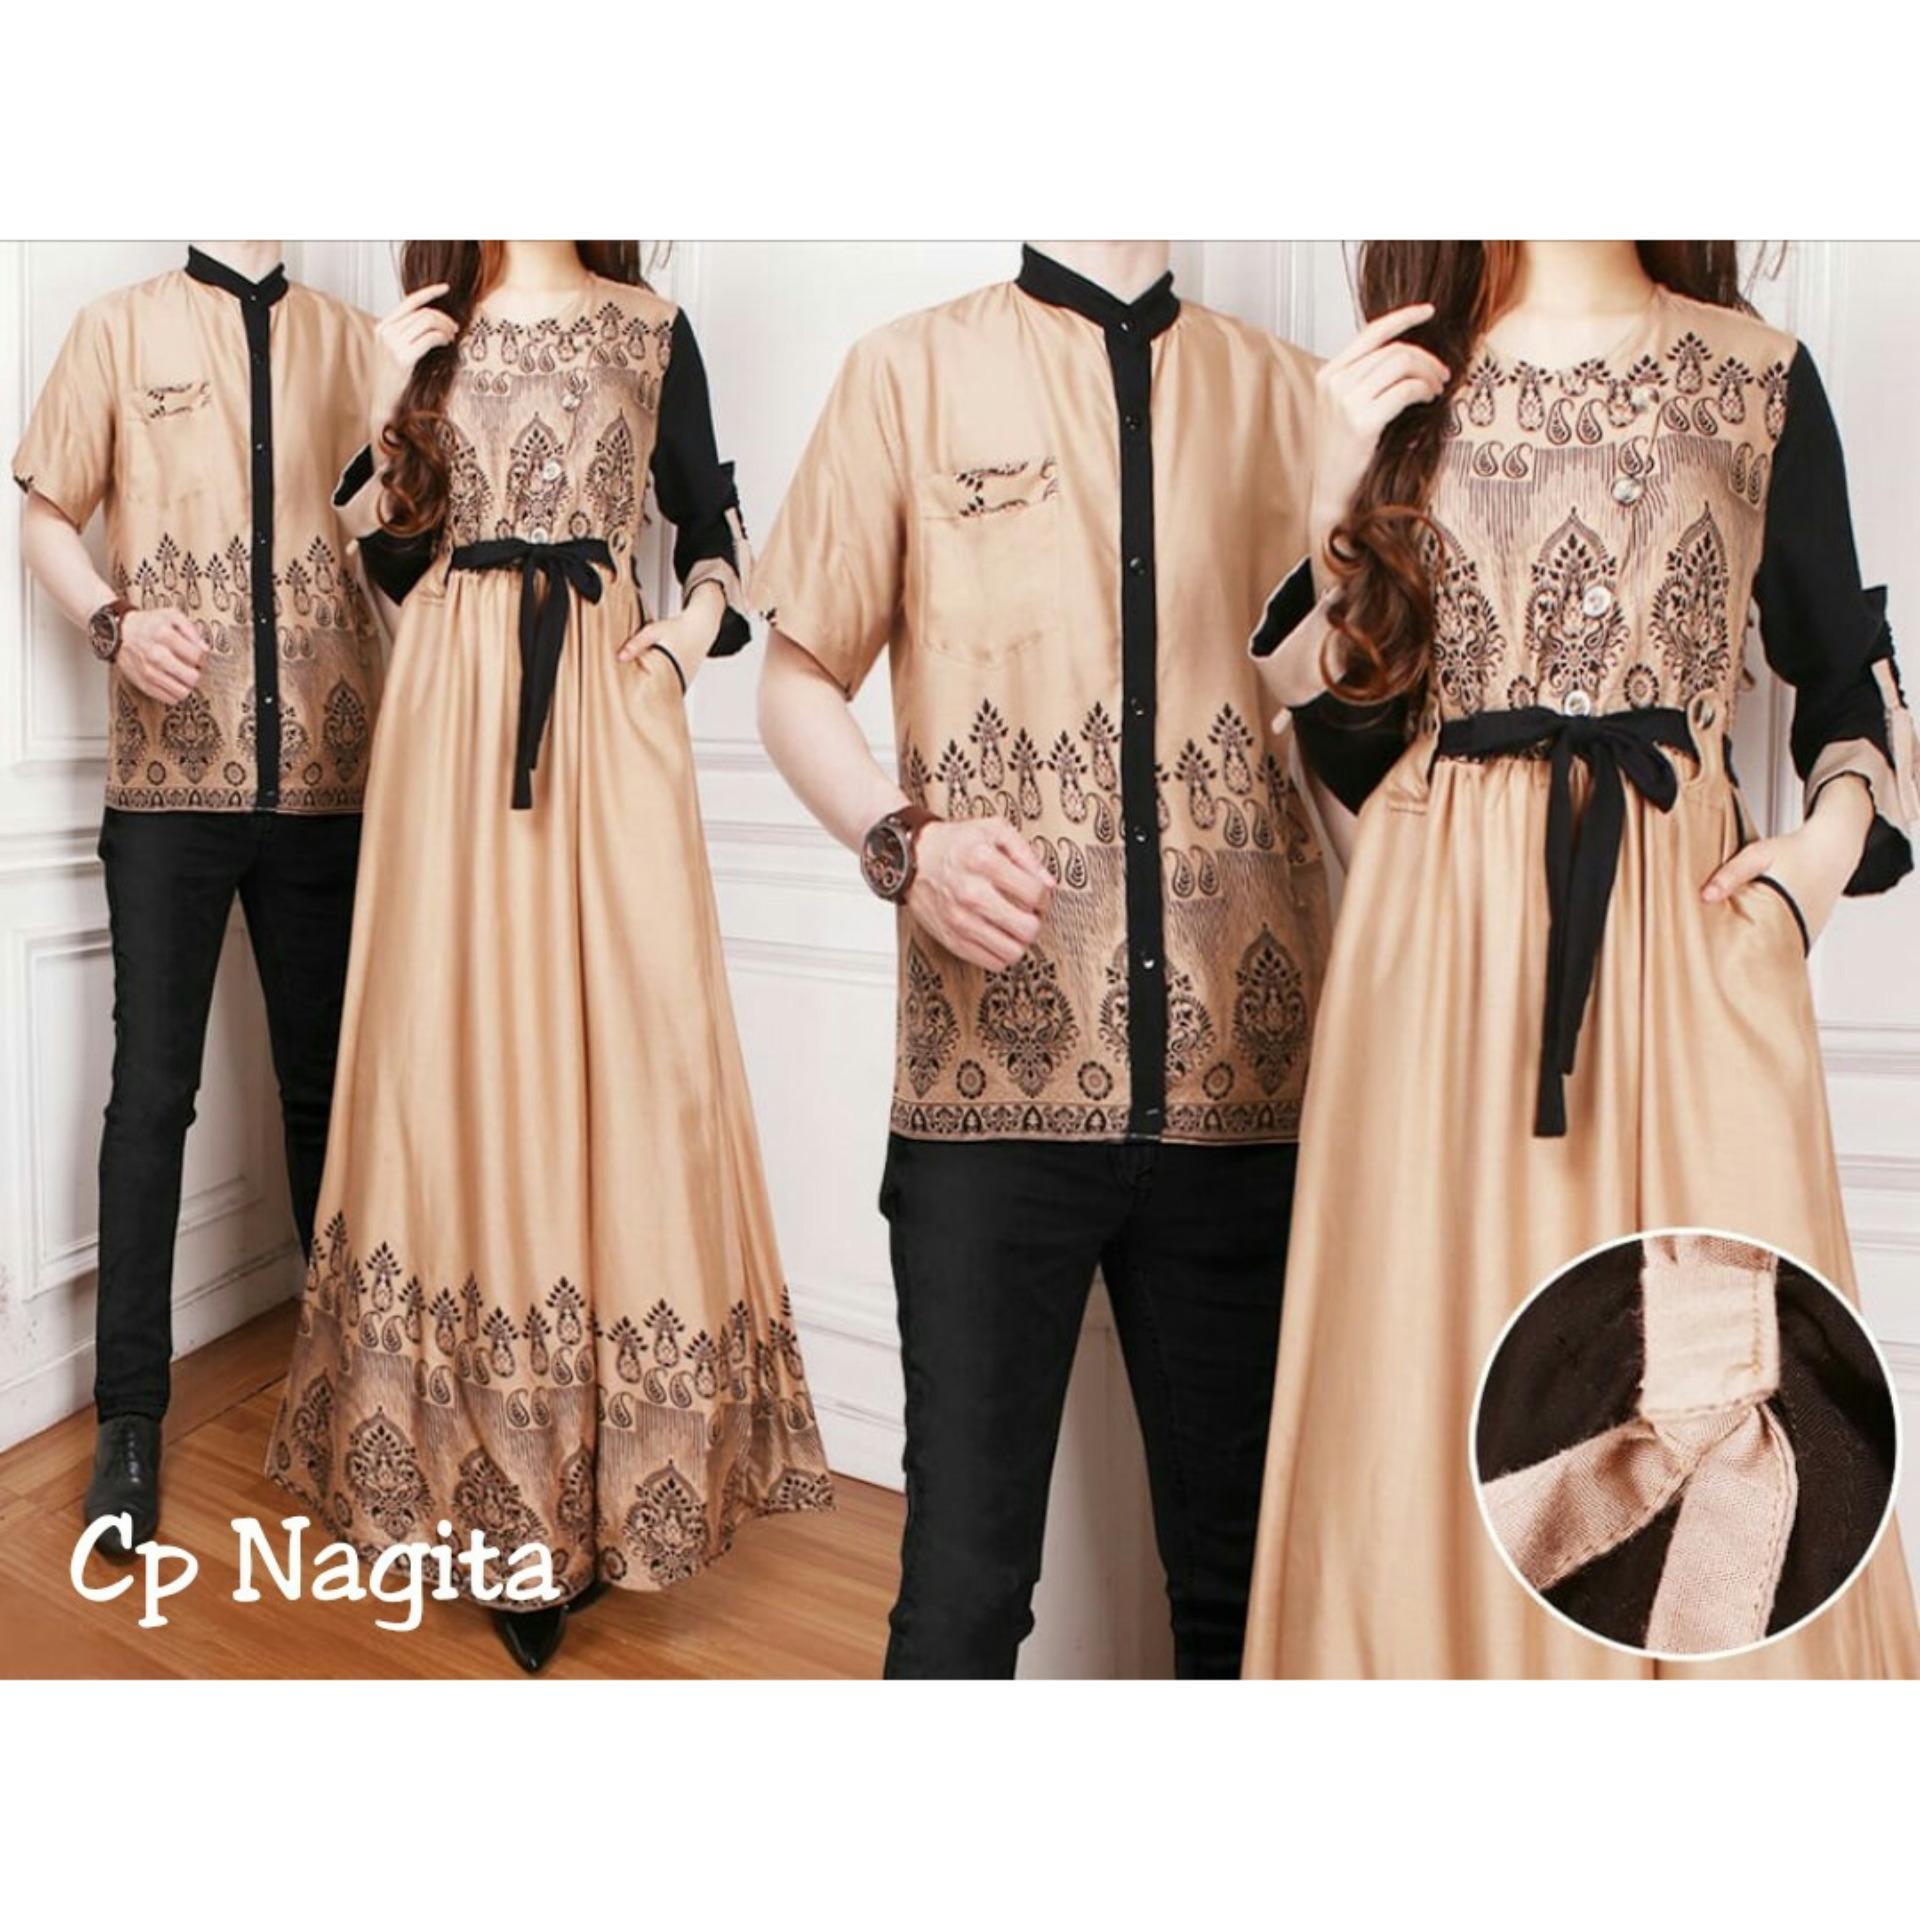 Kedaibaju Batik Couple / Baju Pasangan / CP Nagita - IA